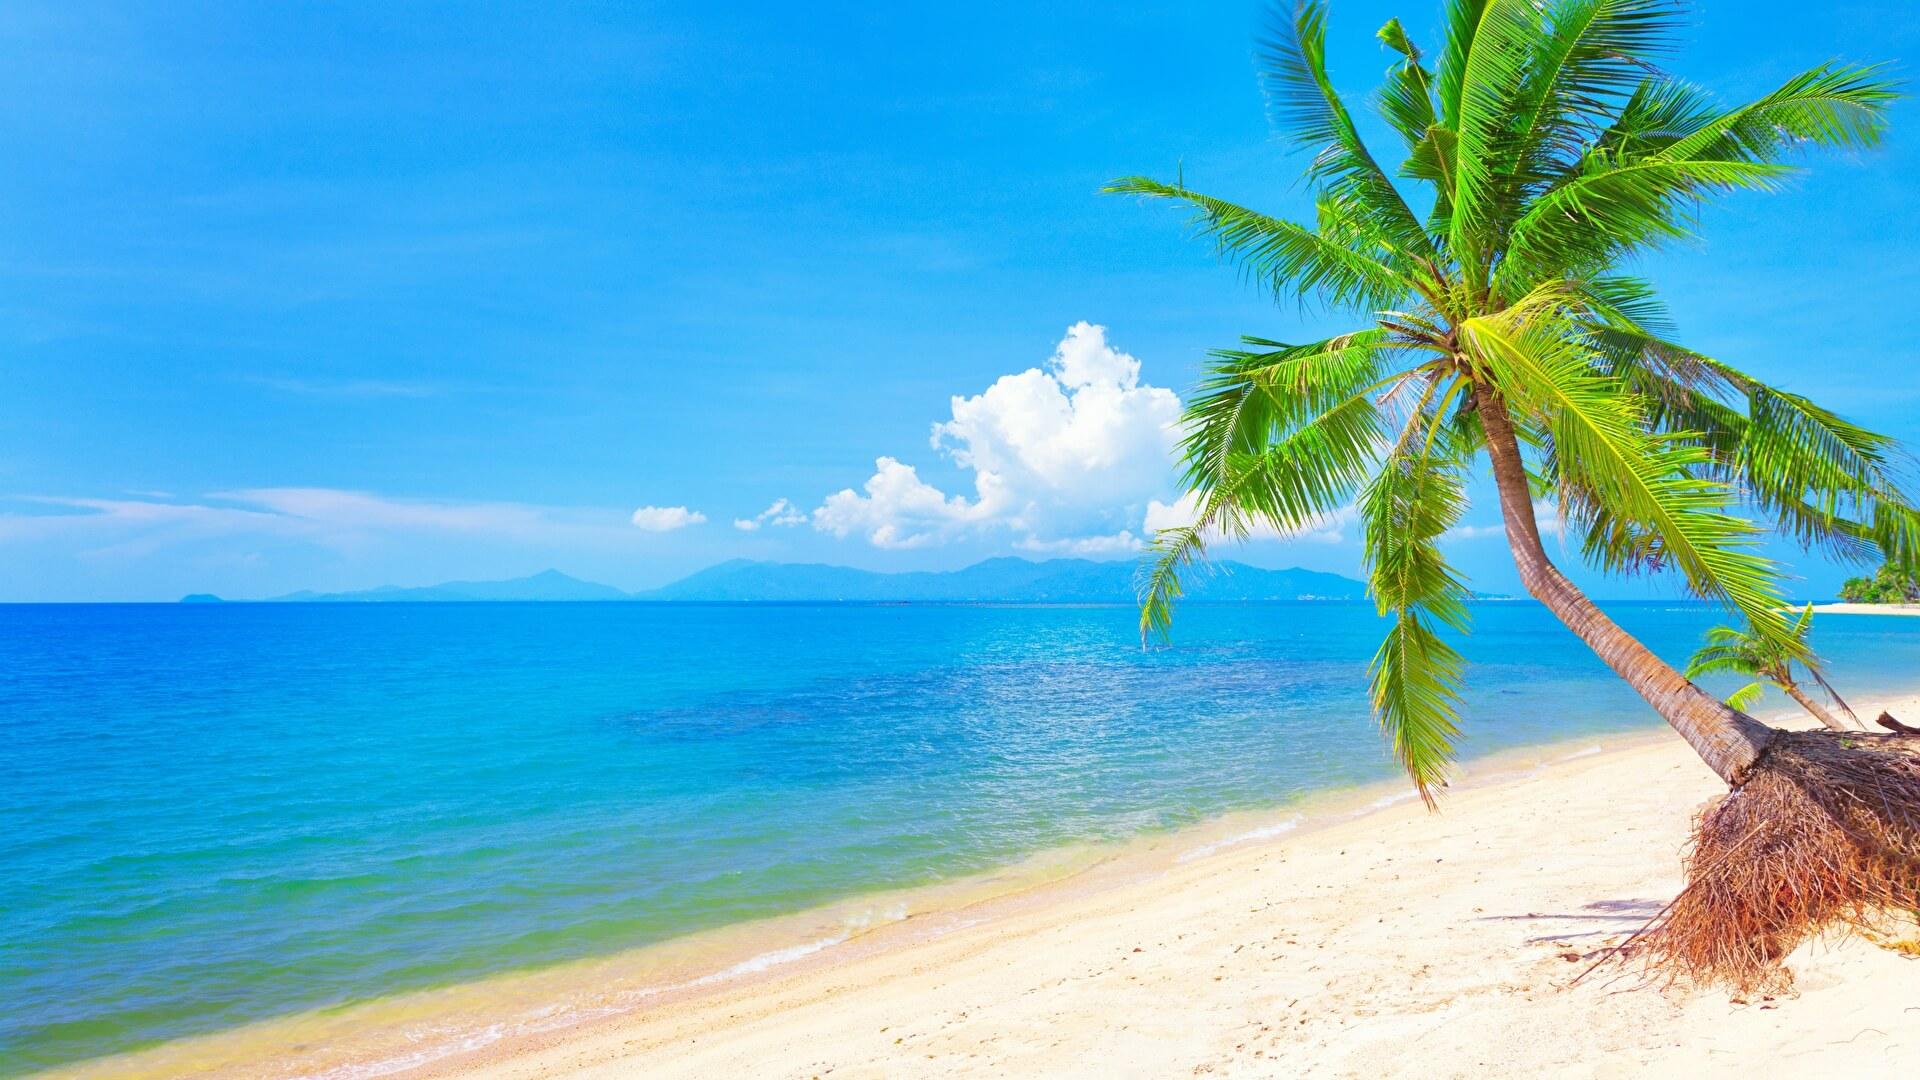 Красивые картинки пляжа для рабочего стола - подборка 11